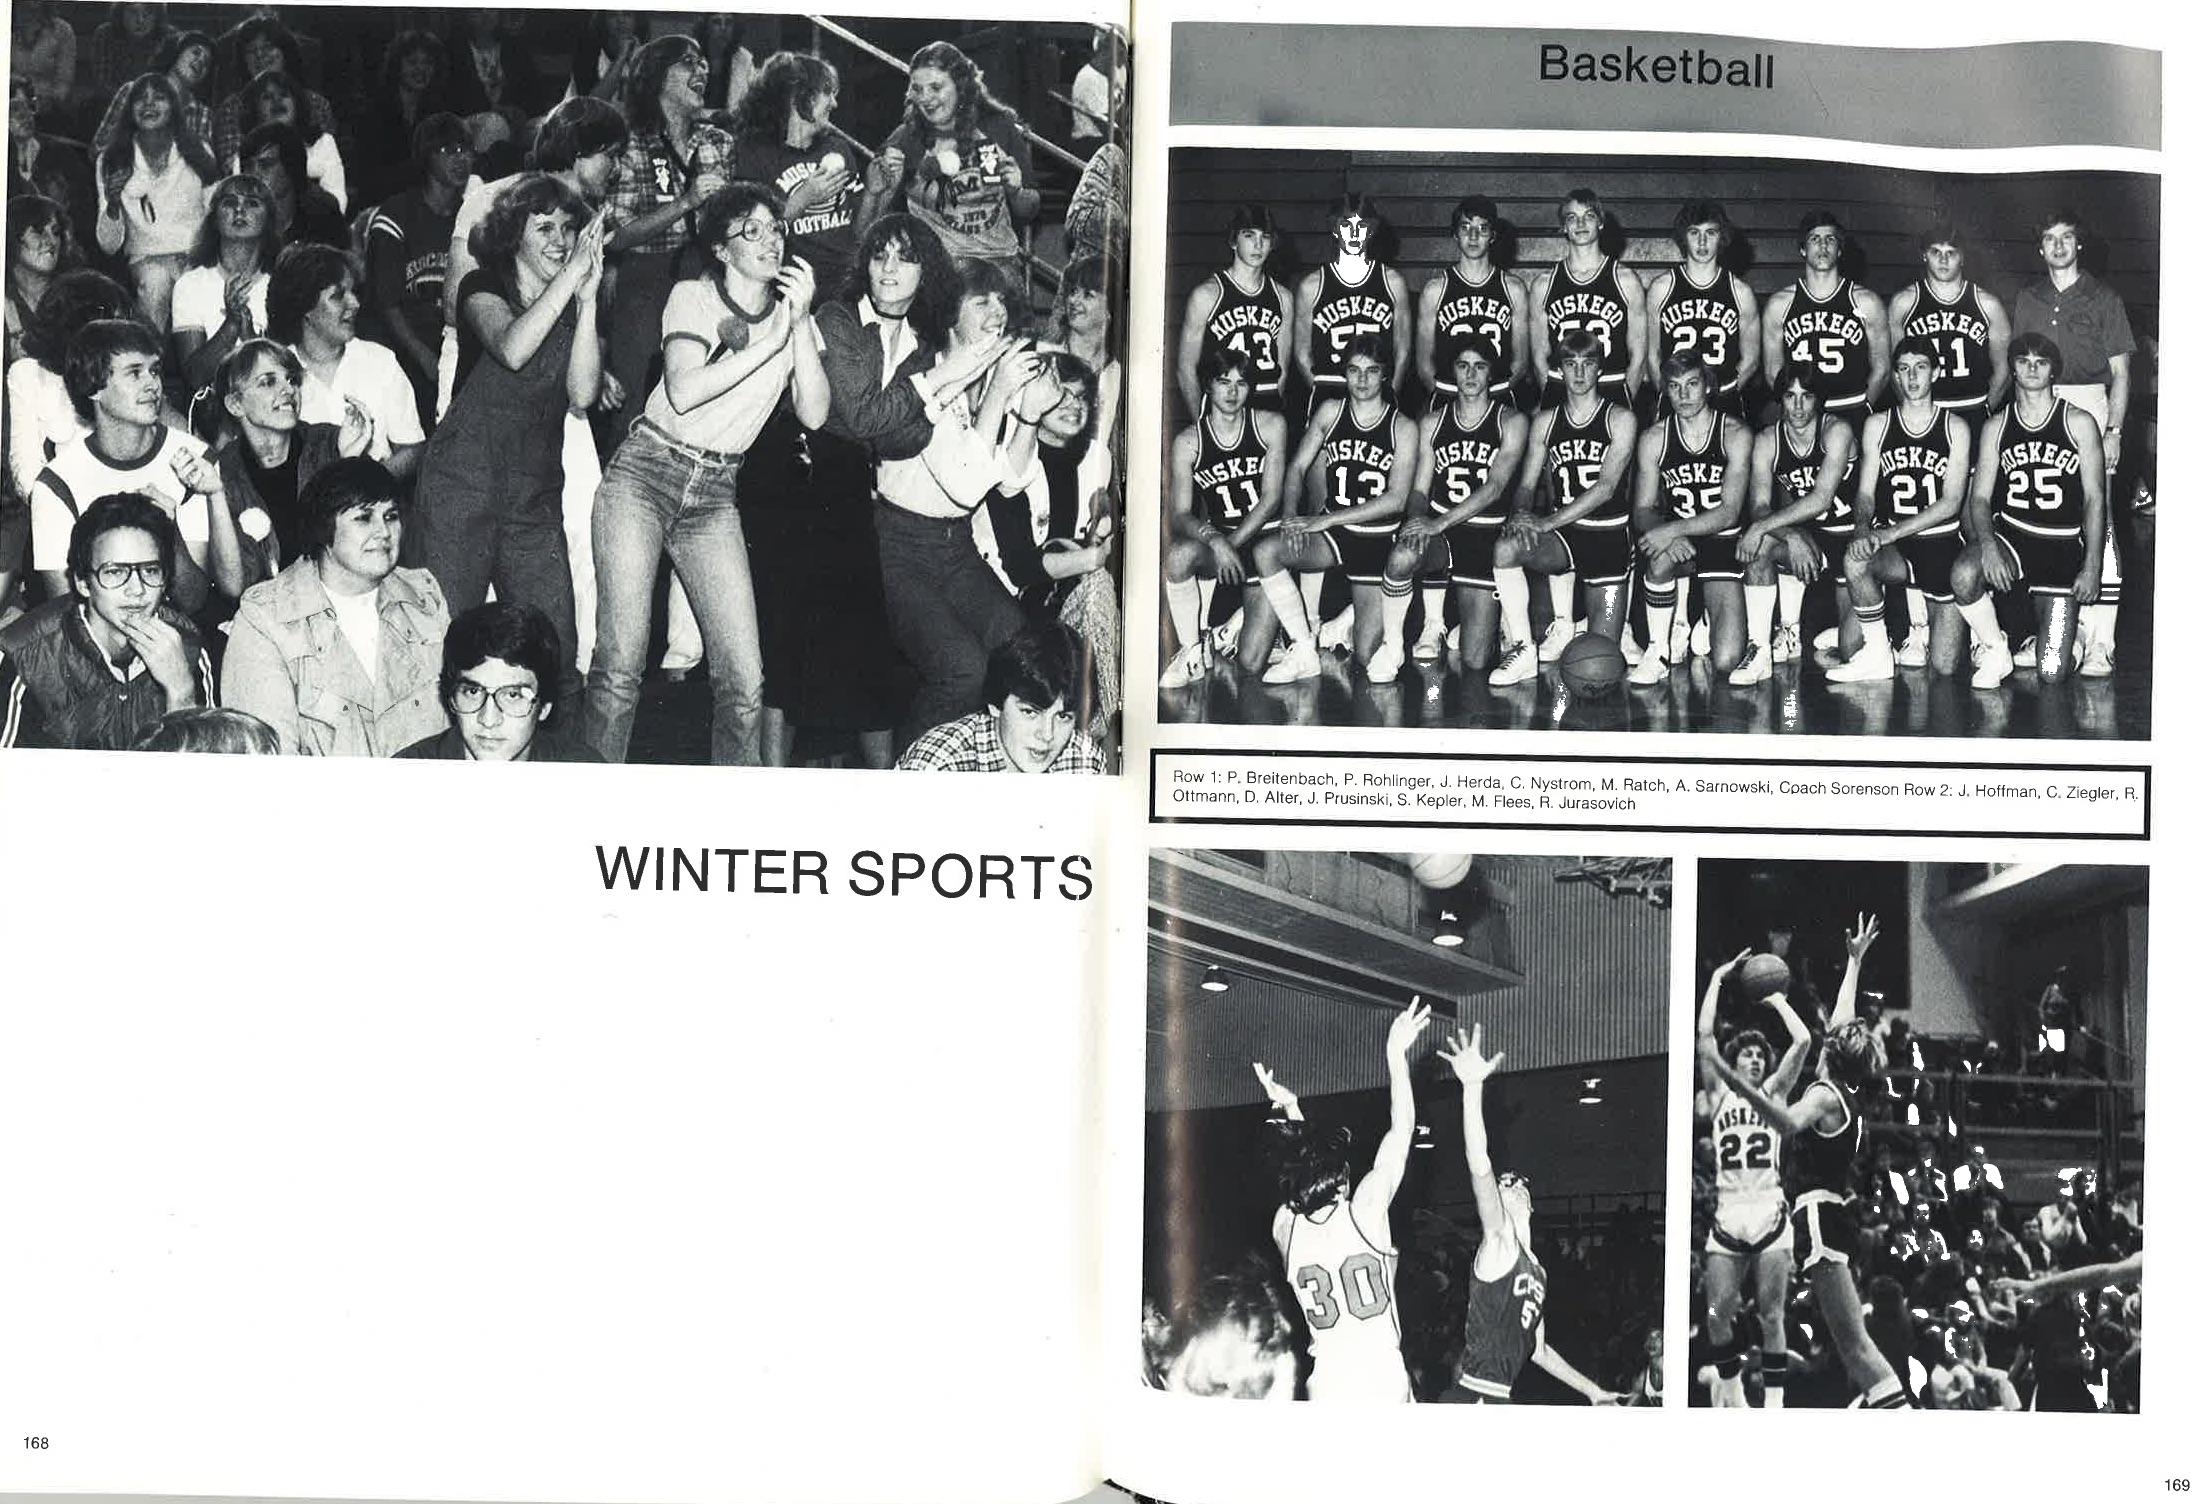 1981_Yearbook_168.jpg